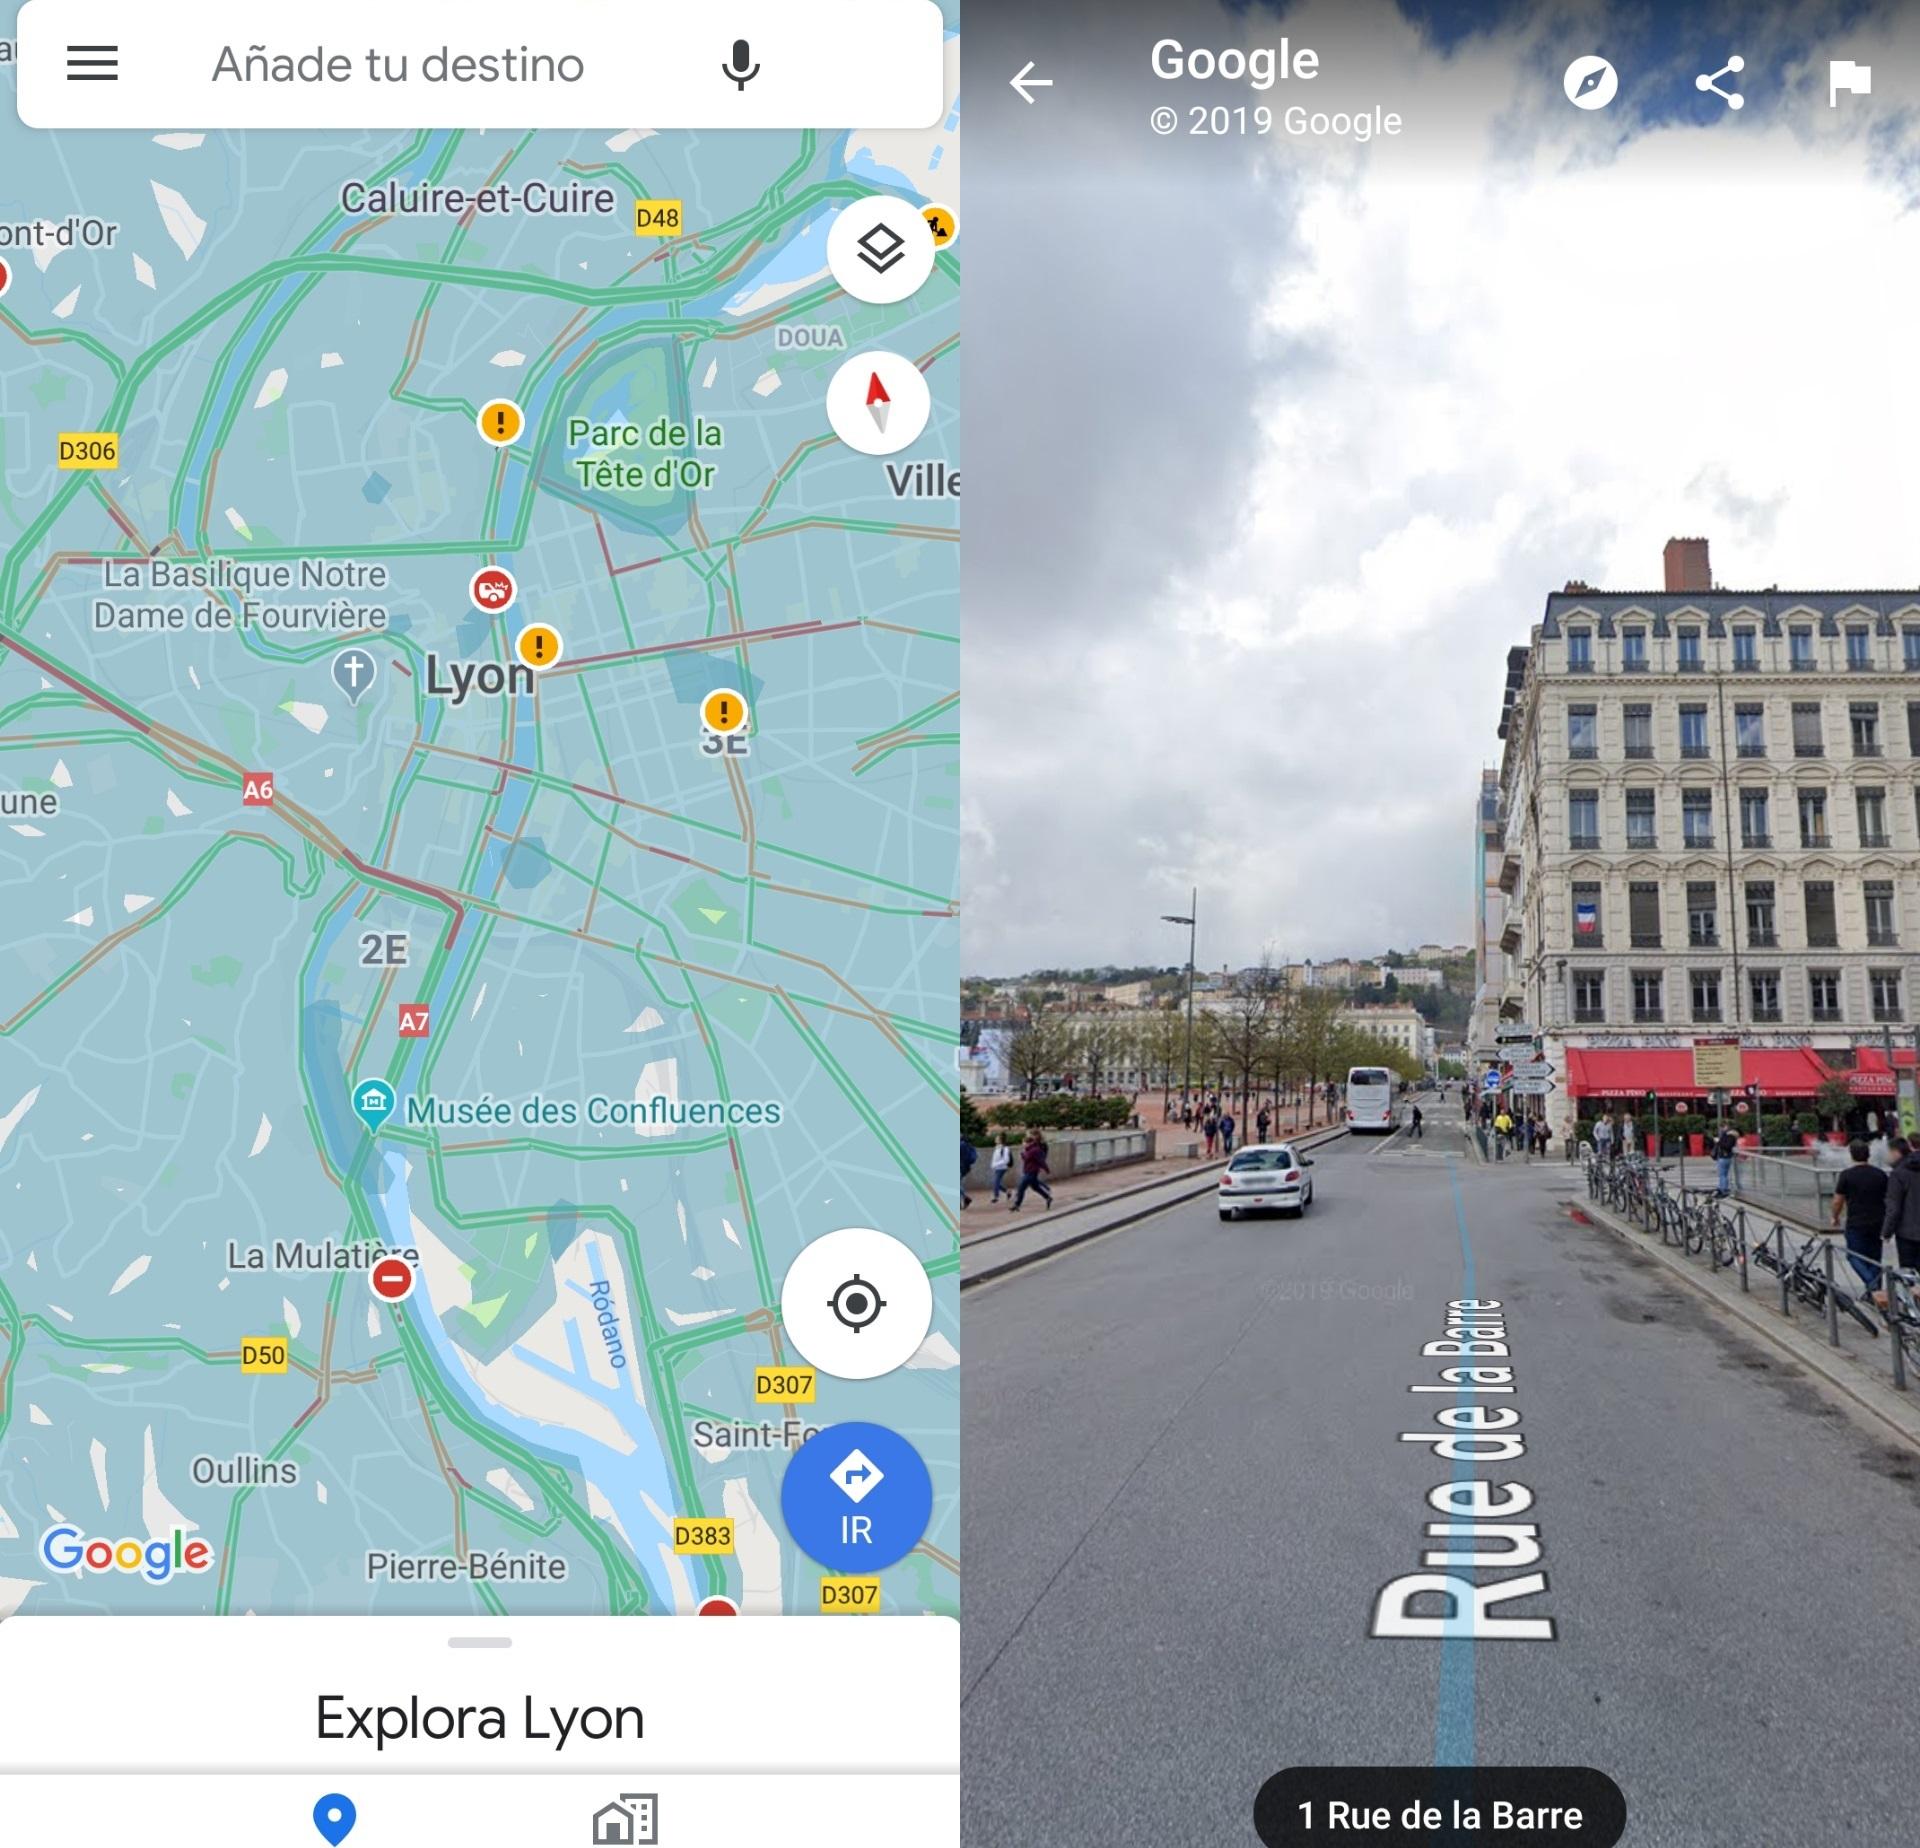 عرض الشوارع في خرائط جوجل